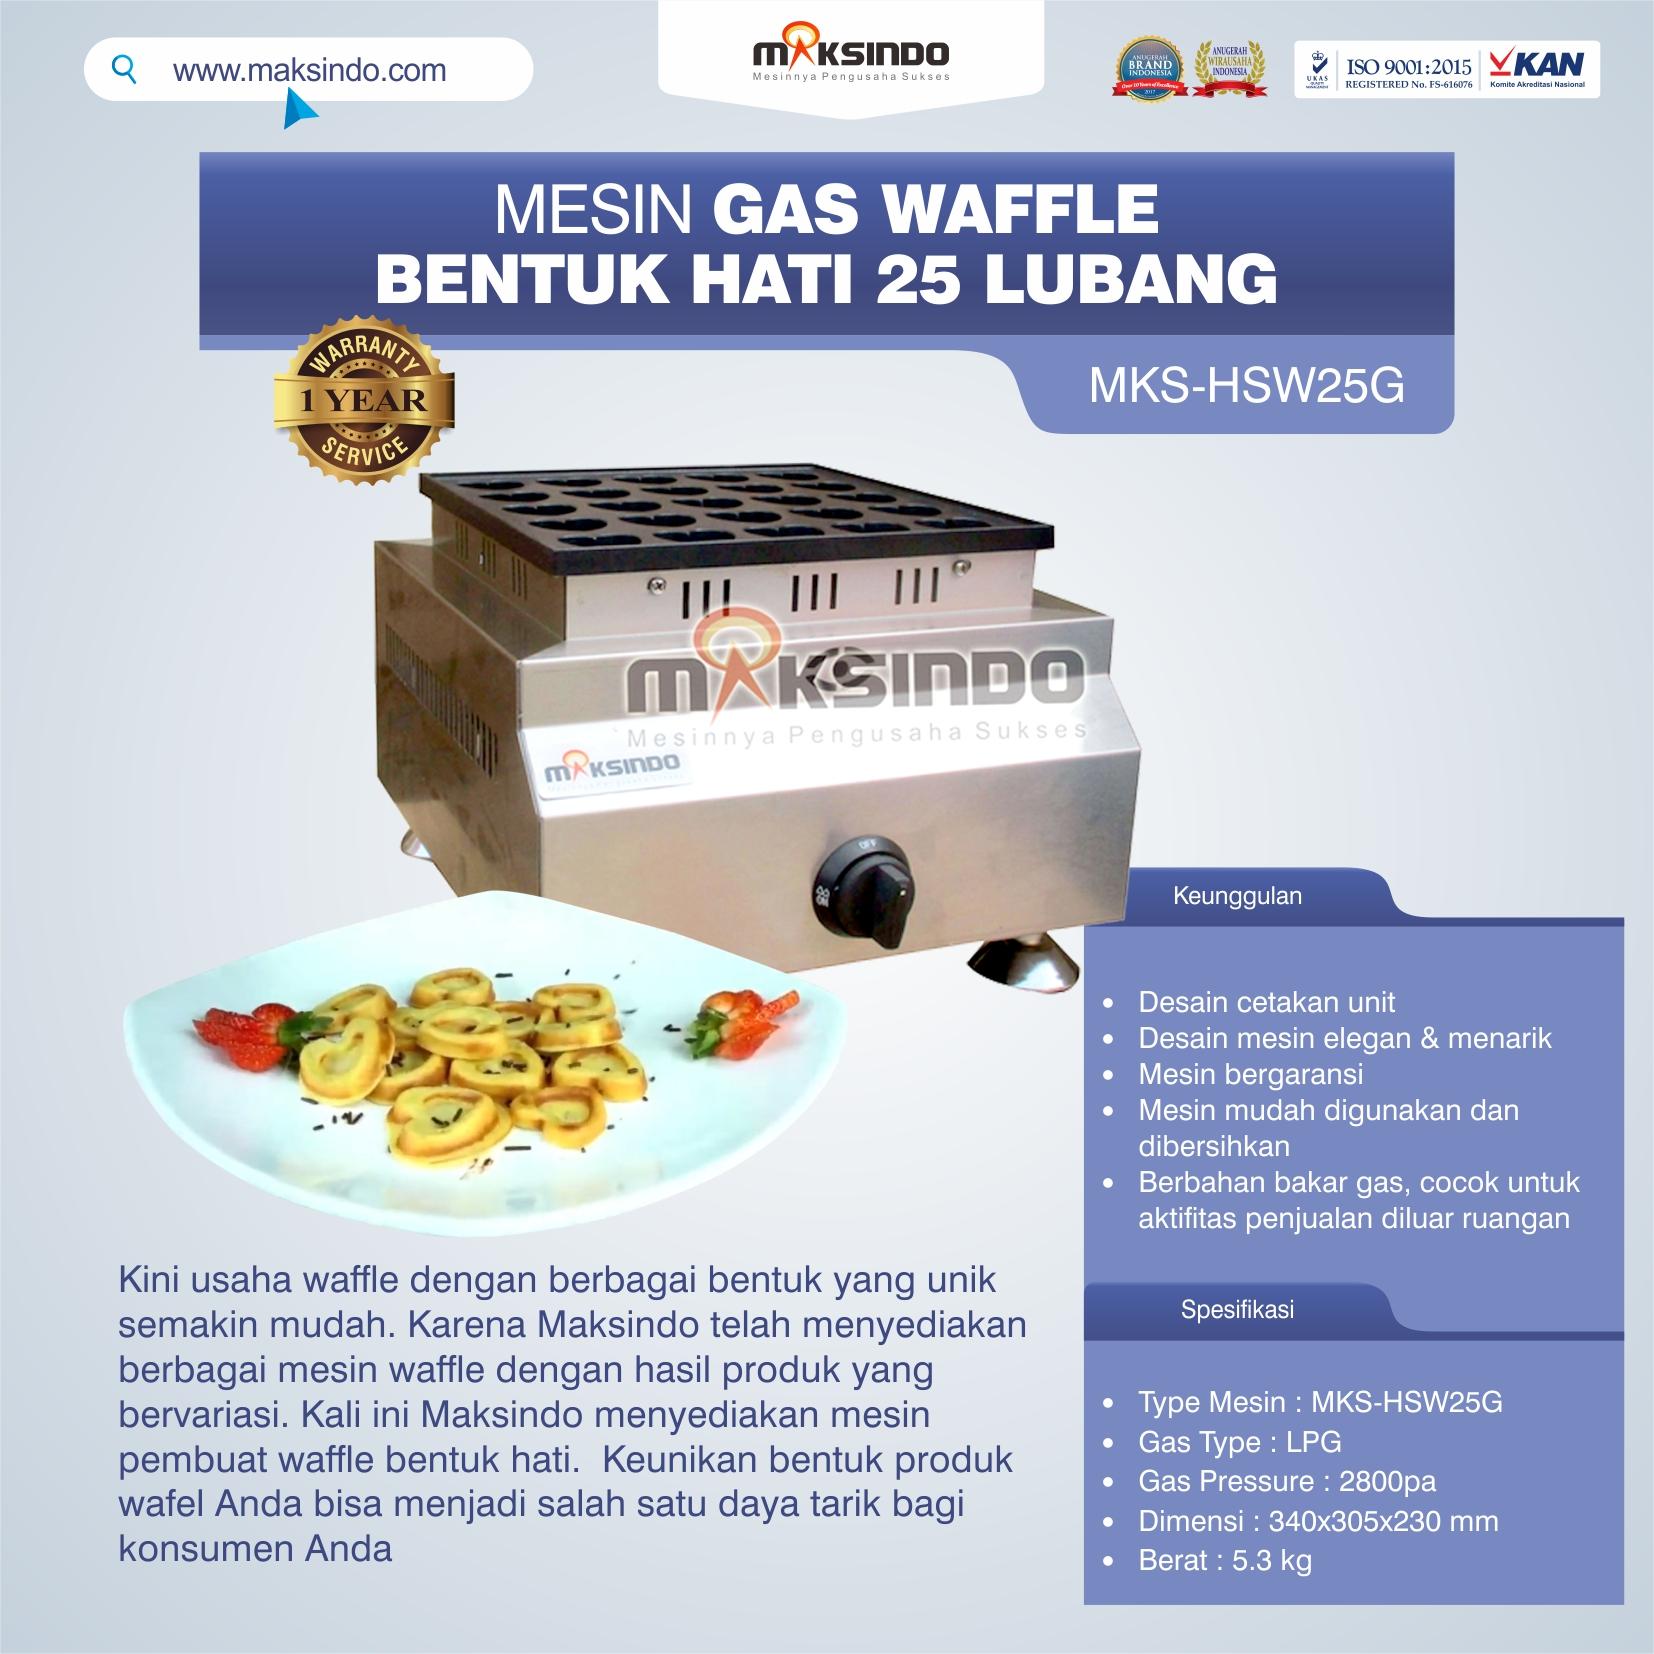 Jual Gas Waffle Bentuk Hati 25 Lubang MKS-HSW25G di Semarang